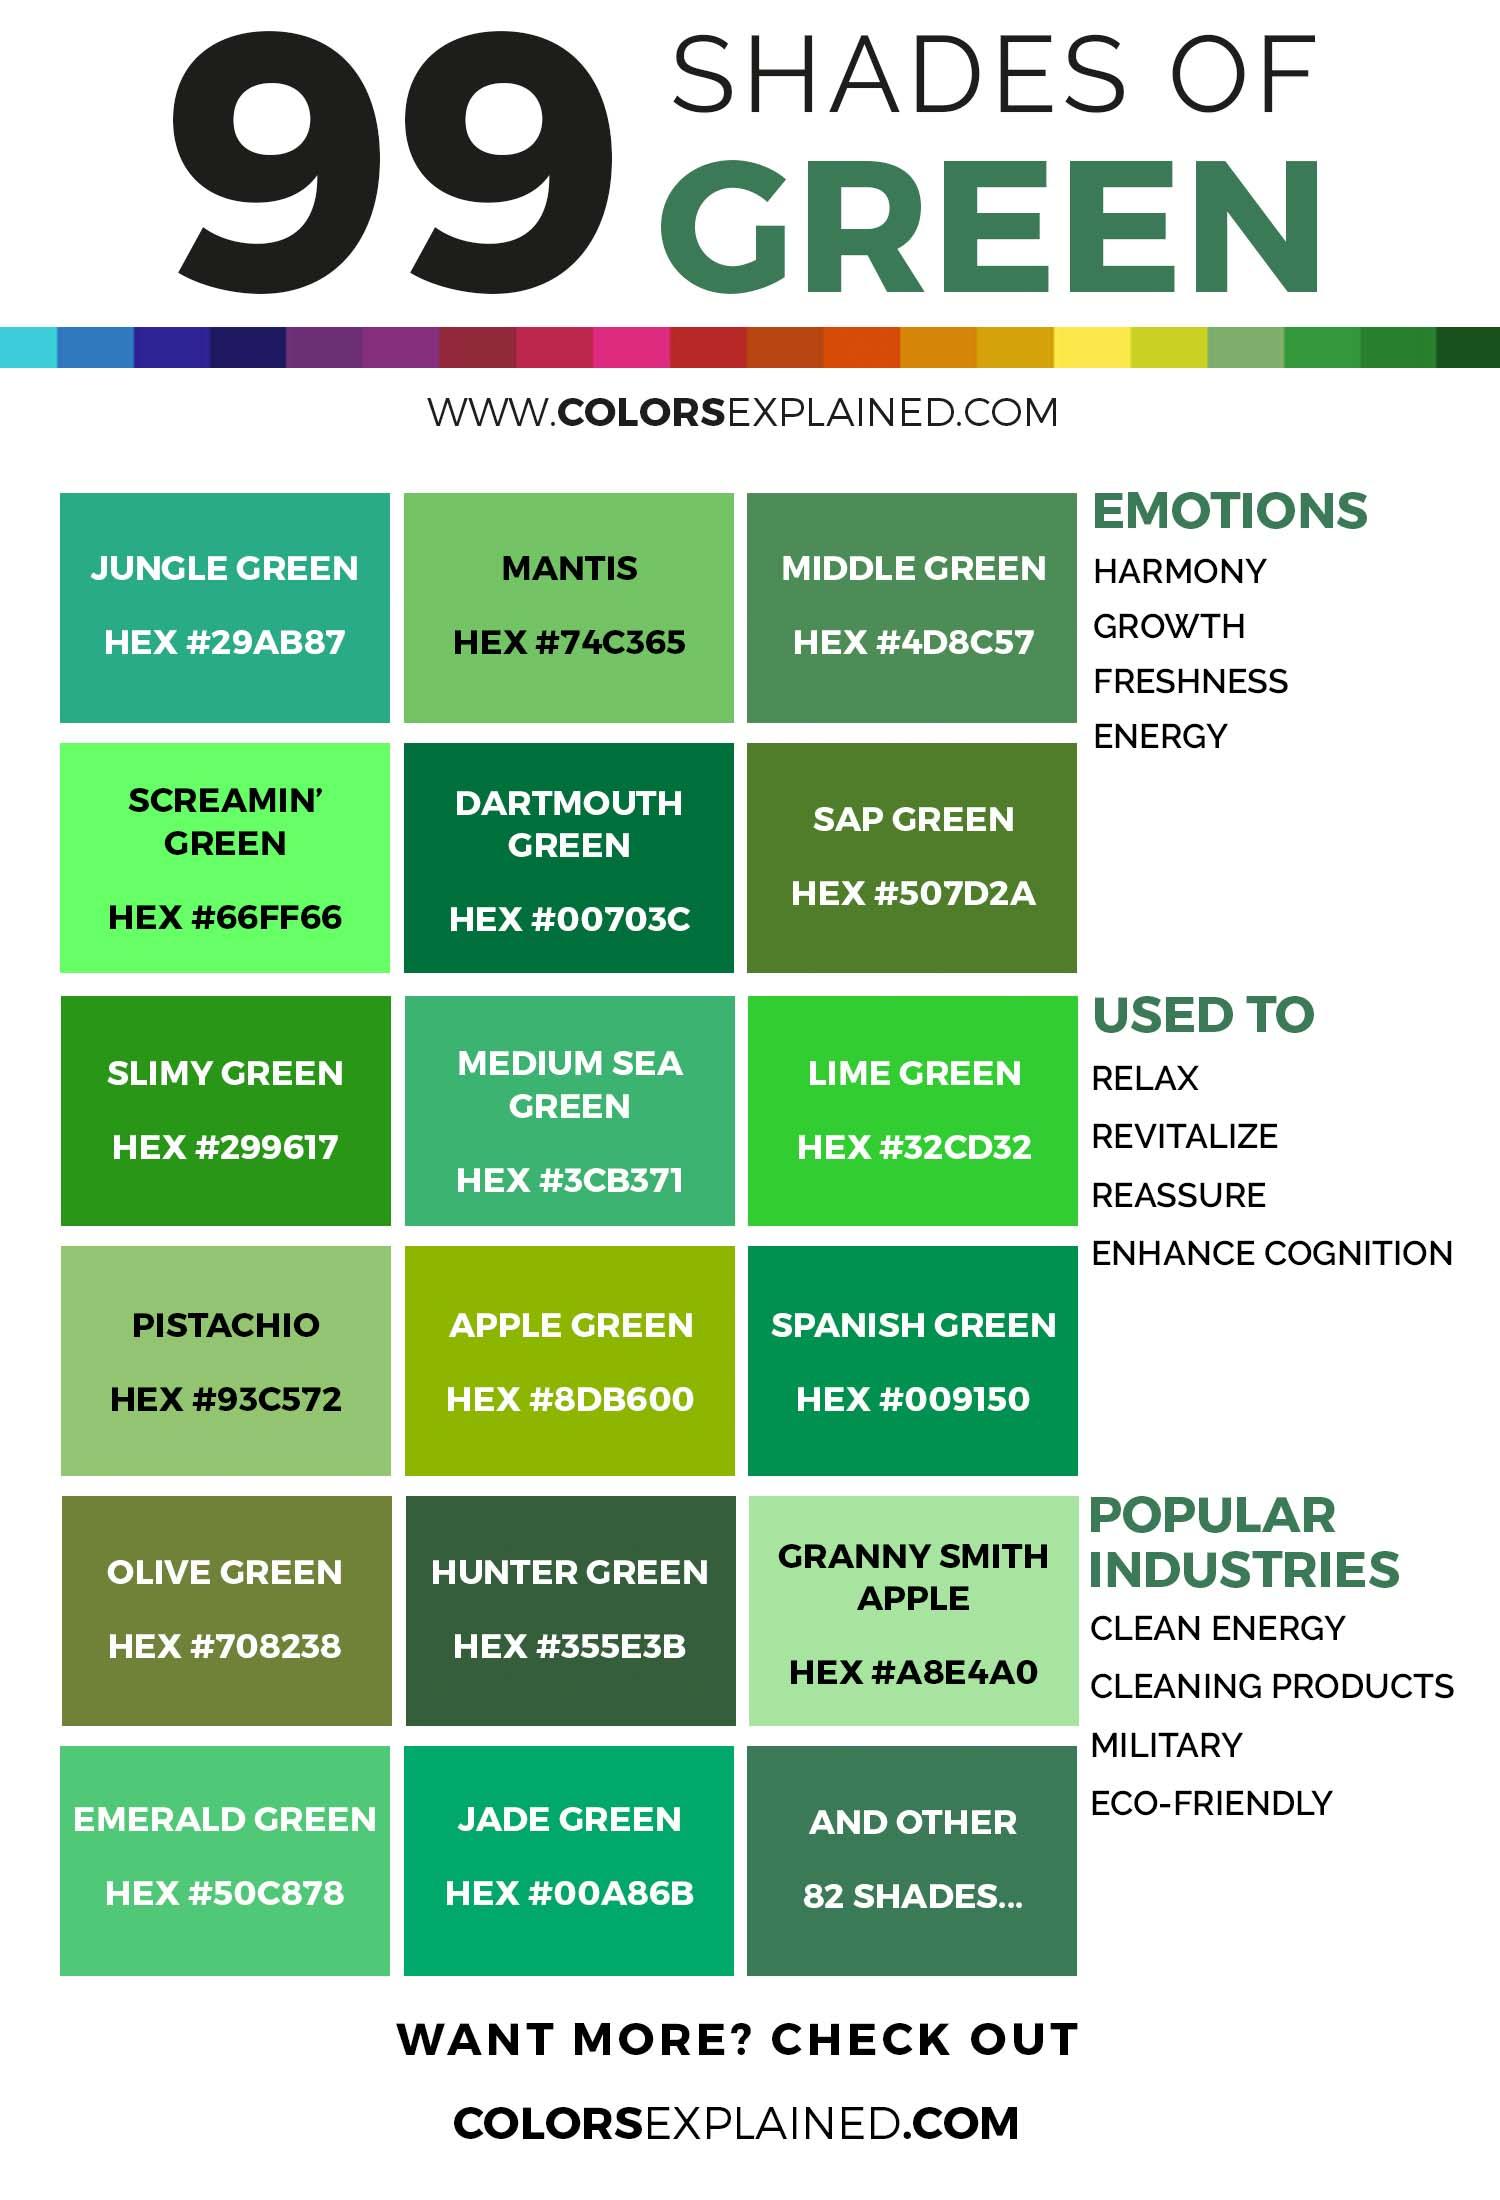 Инфографика Бруны Вентуринелли в оттенках зеленого